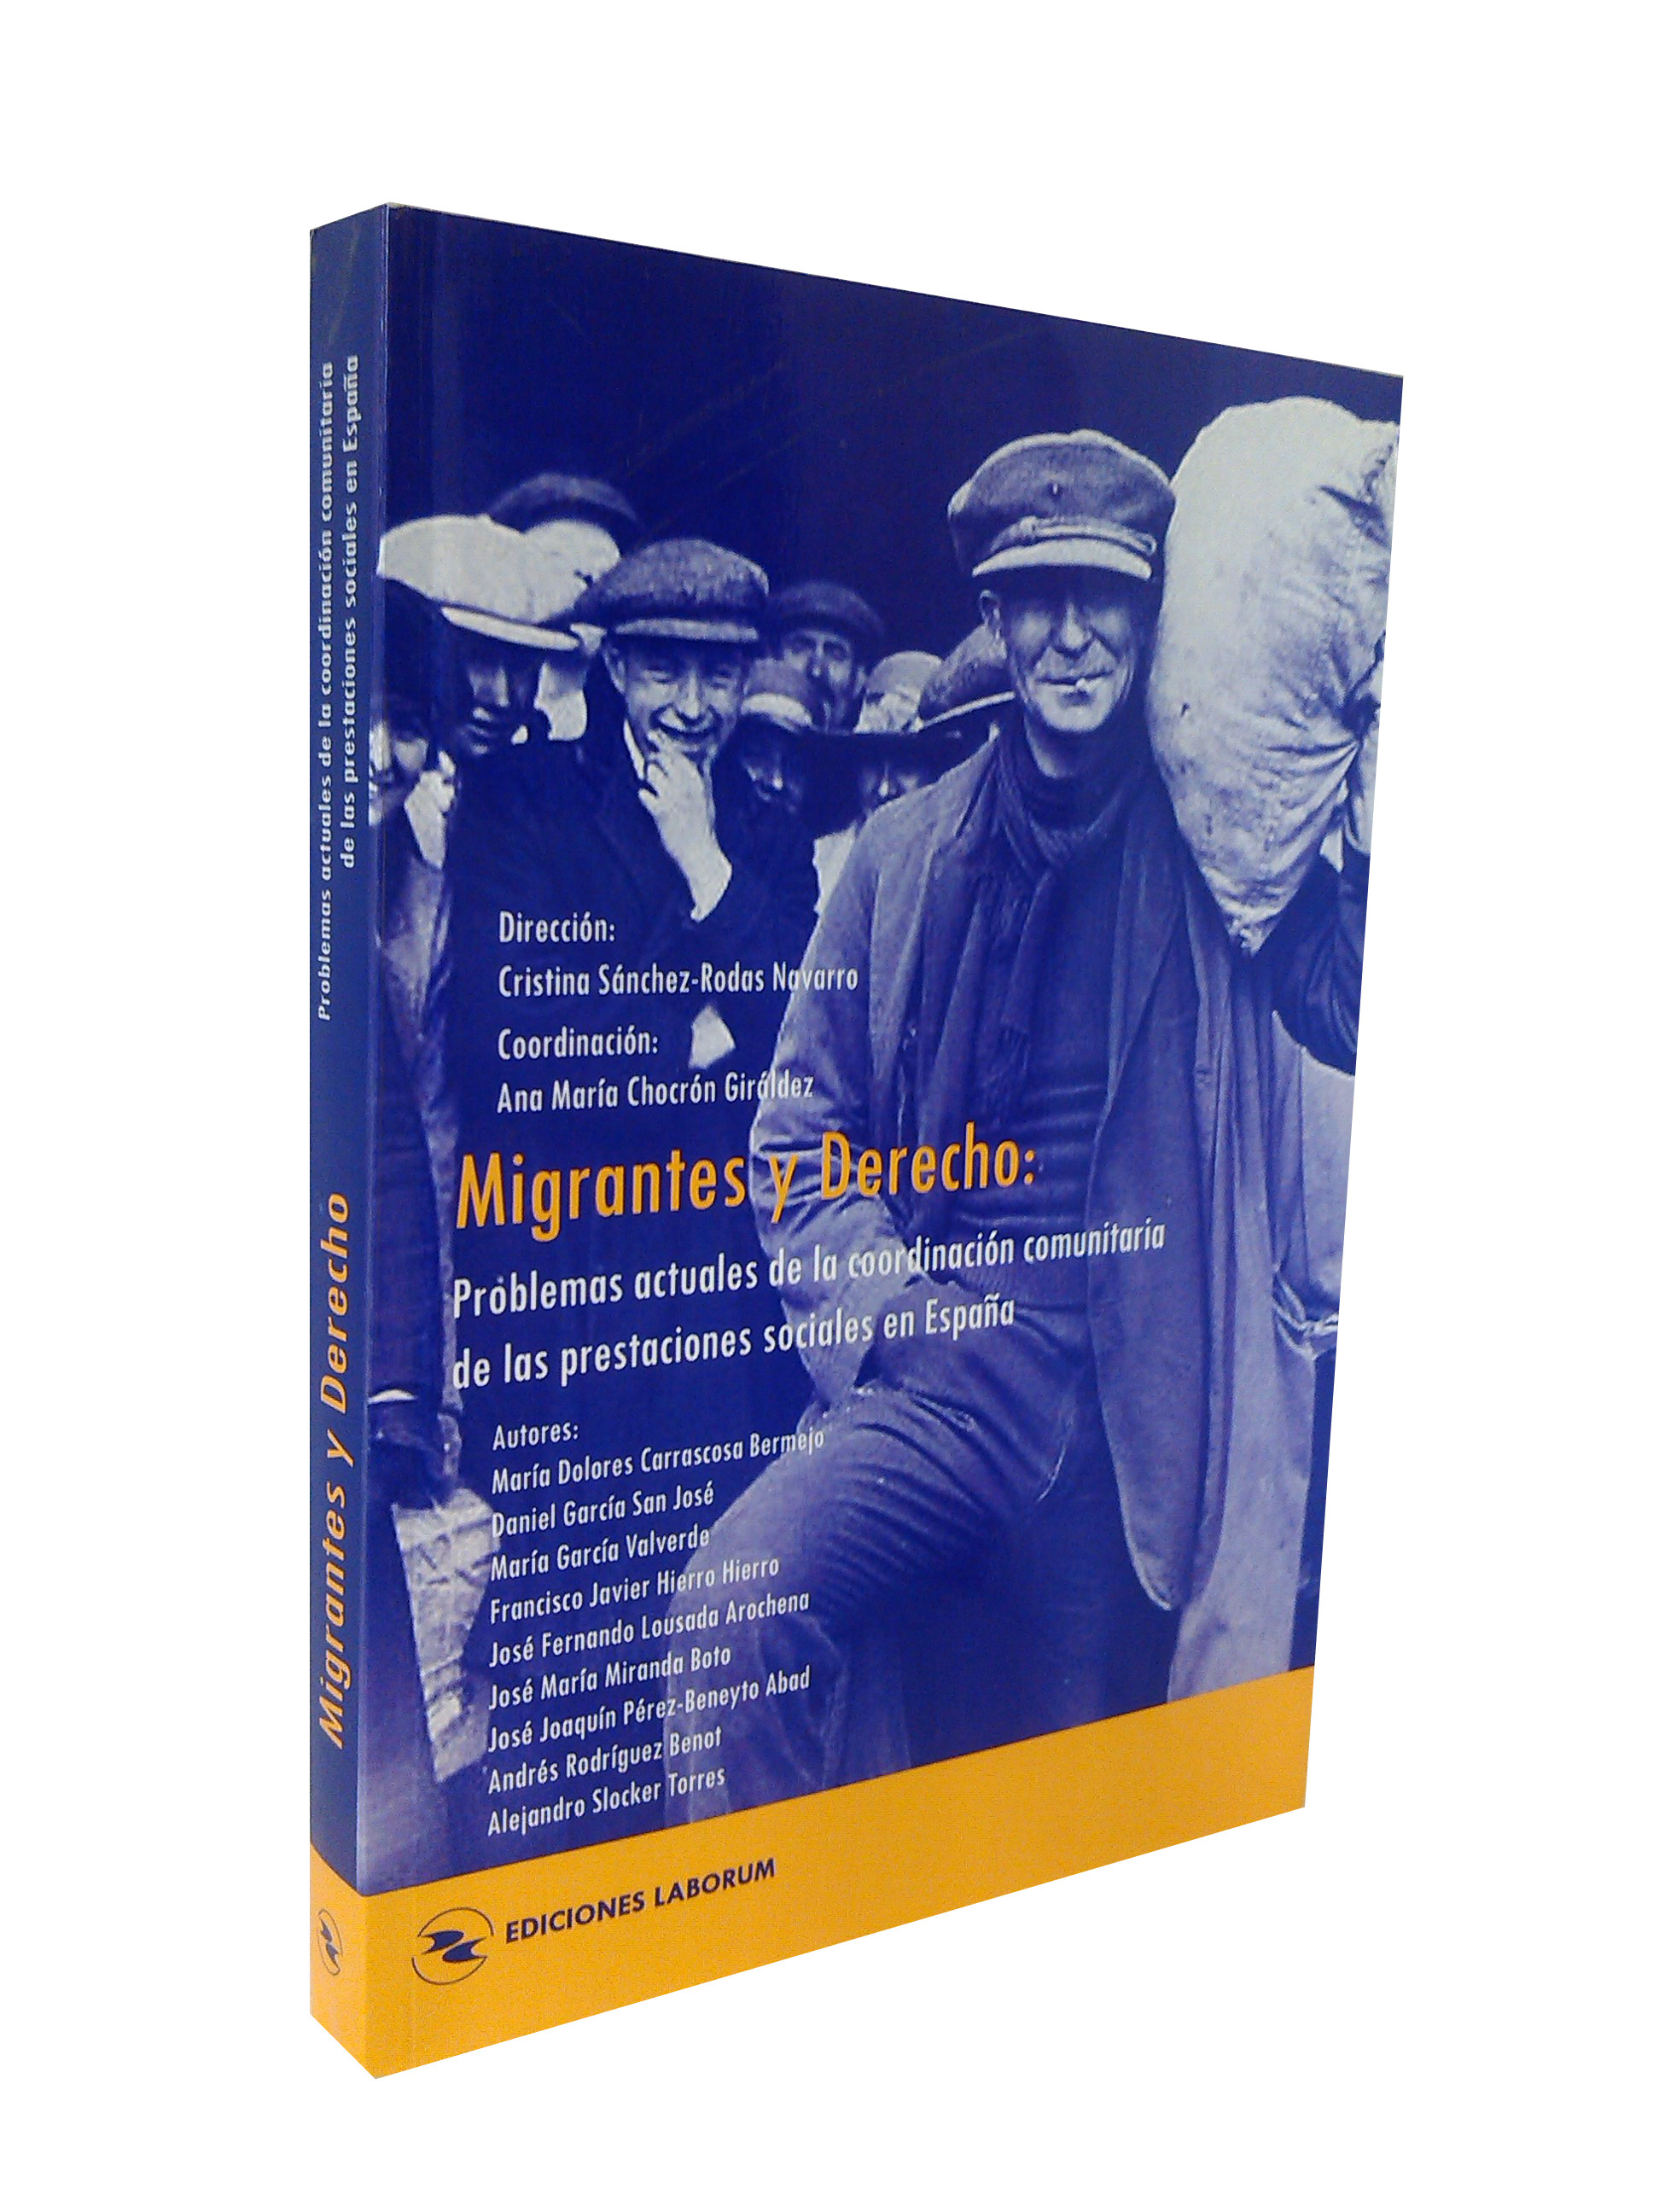 Migrantes y Derecho: Problemas actuales de la coordinación comunitaria de las prestaciones sociales en España